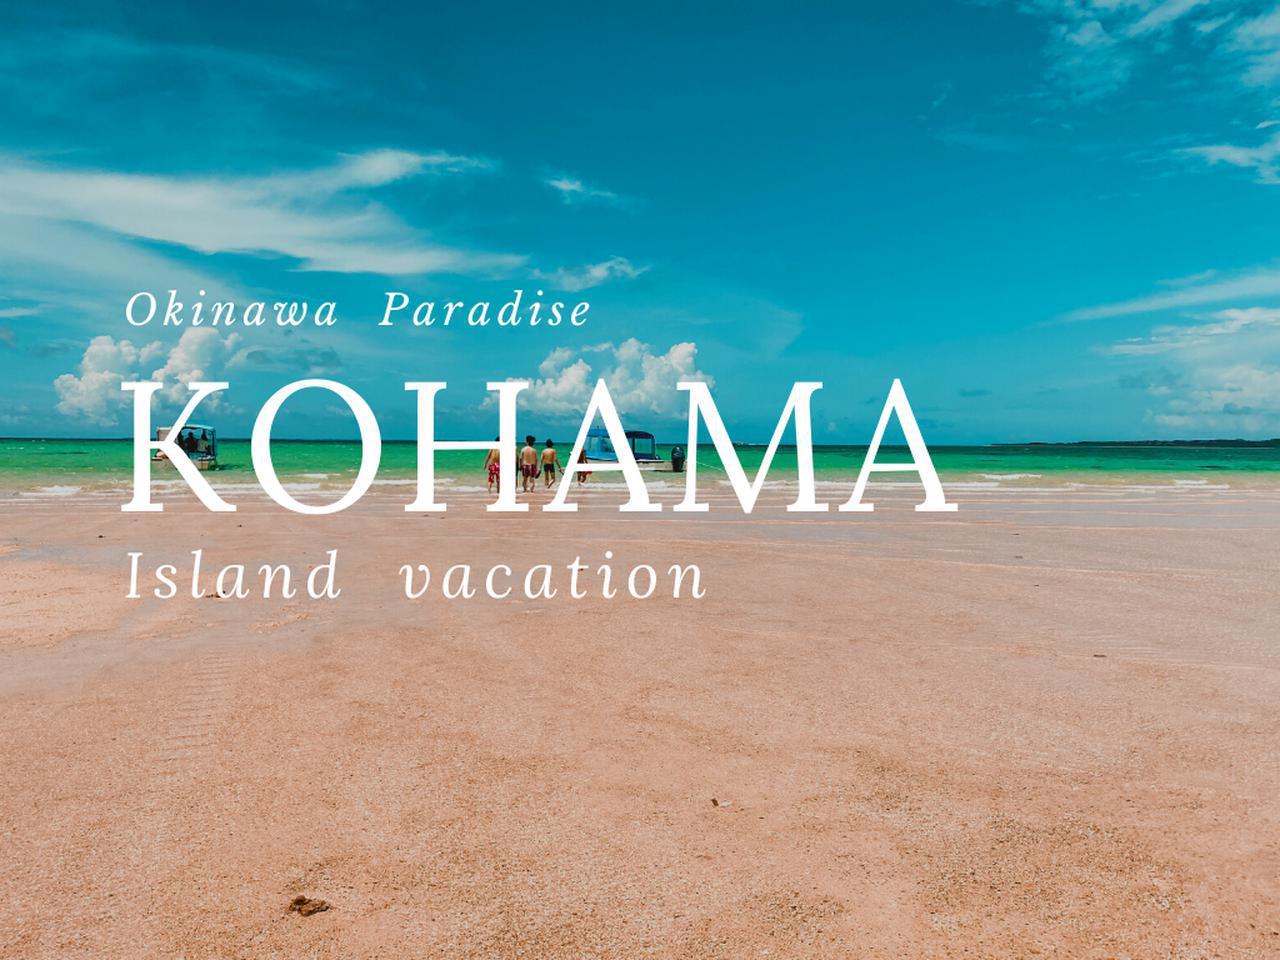 画像1: 小浜島旅